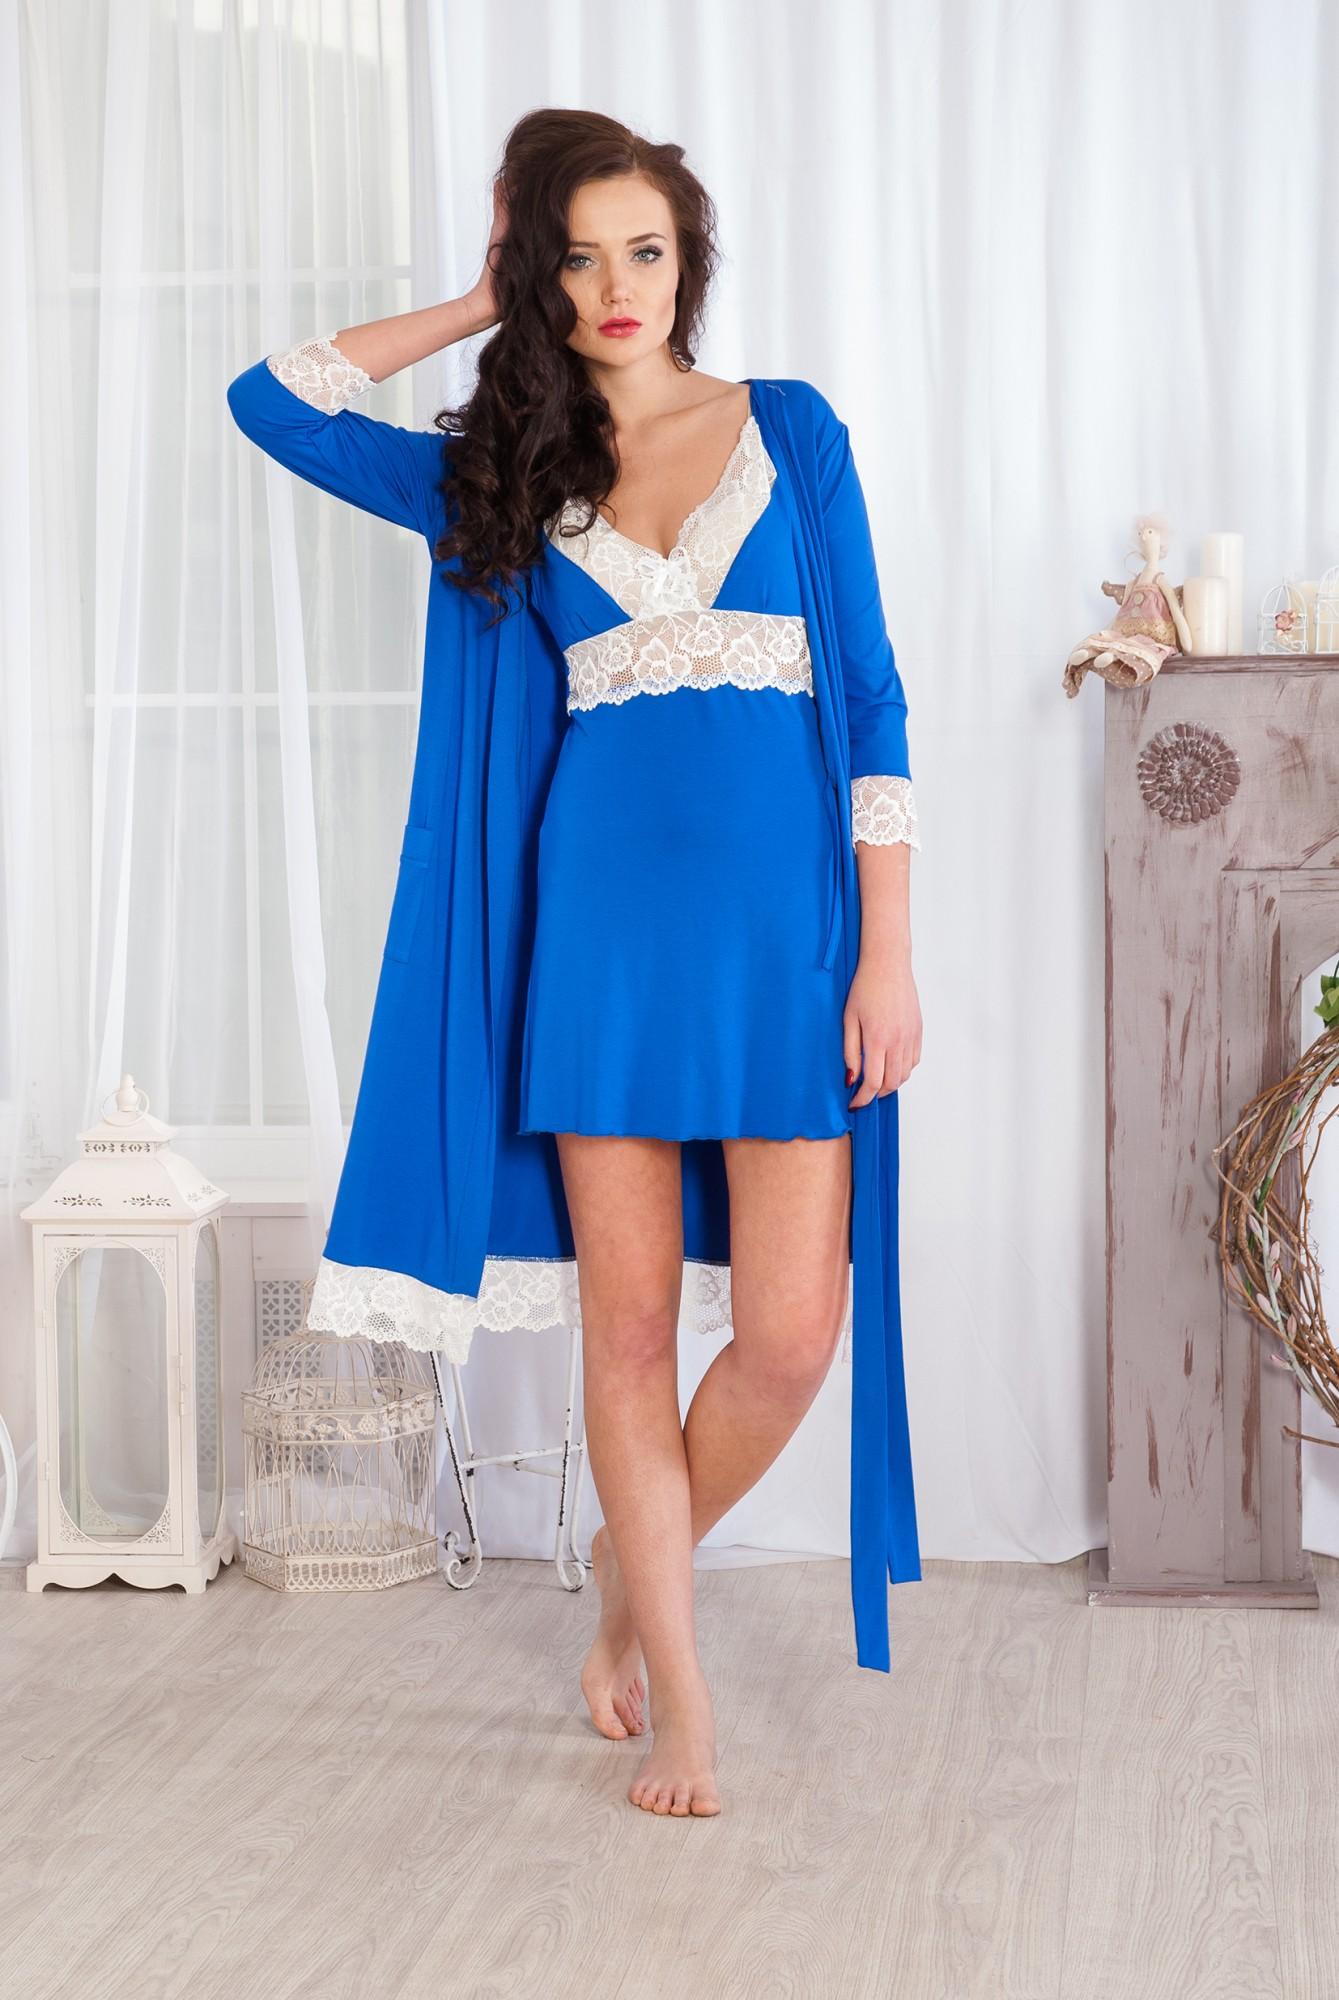 Комплект женский Изольда сорочка и халатСорочки<br><br><br>Размер: 54